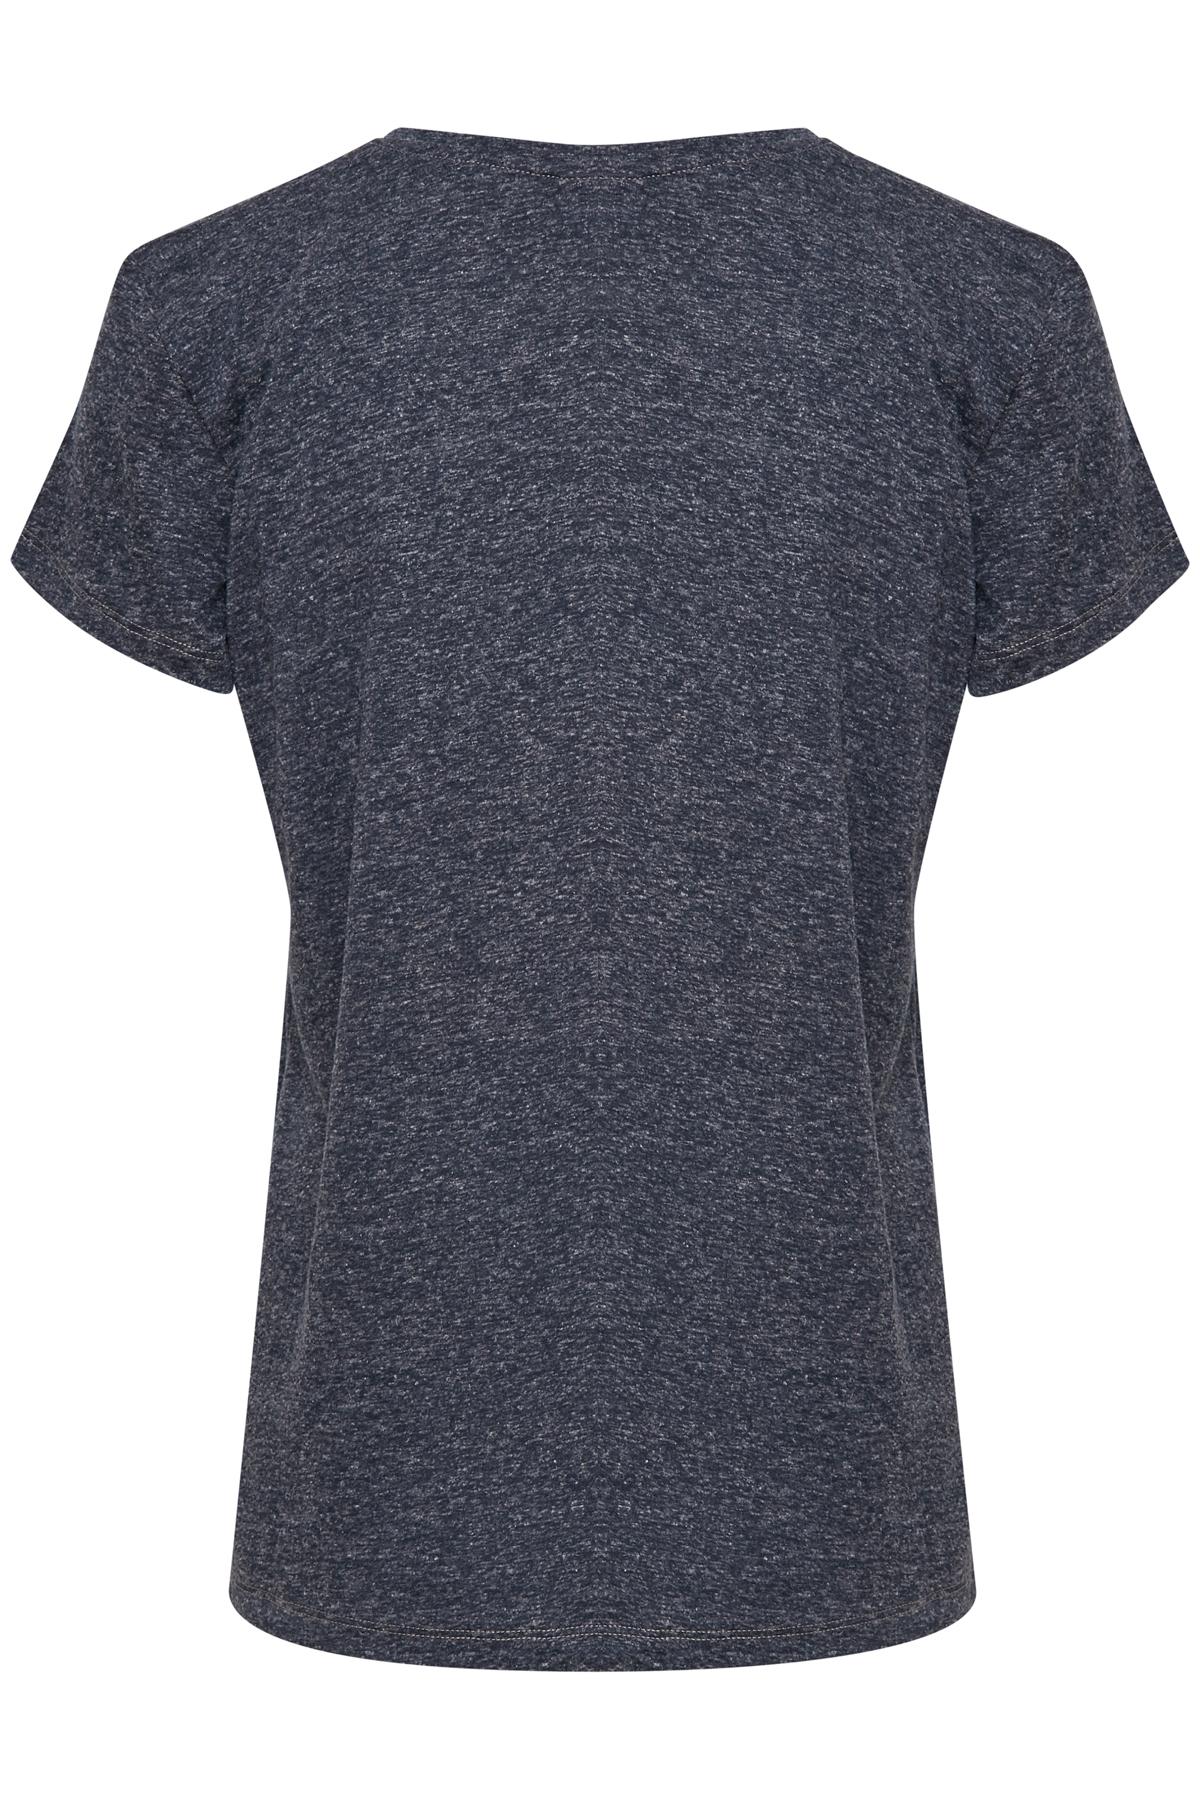 Marineblau Langarm T-Shirt von Kaffe – Shoppen Sie Marineblau Langarm T-Shirt ab Gr. L-XXL hier